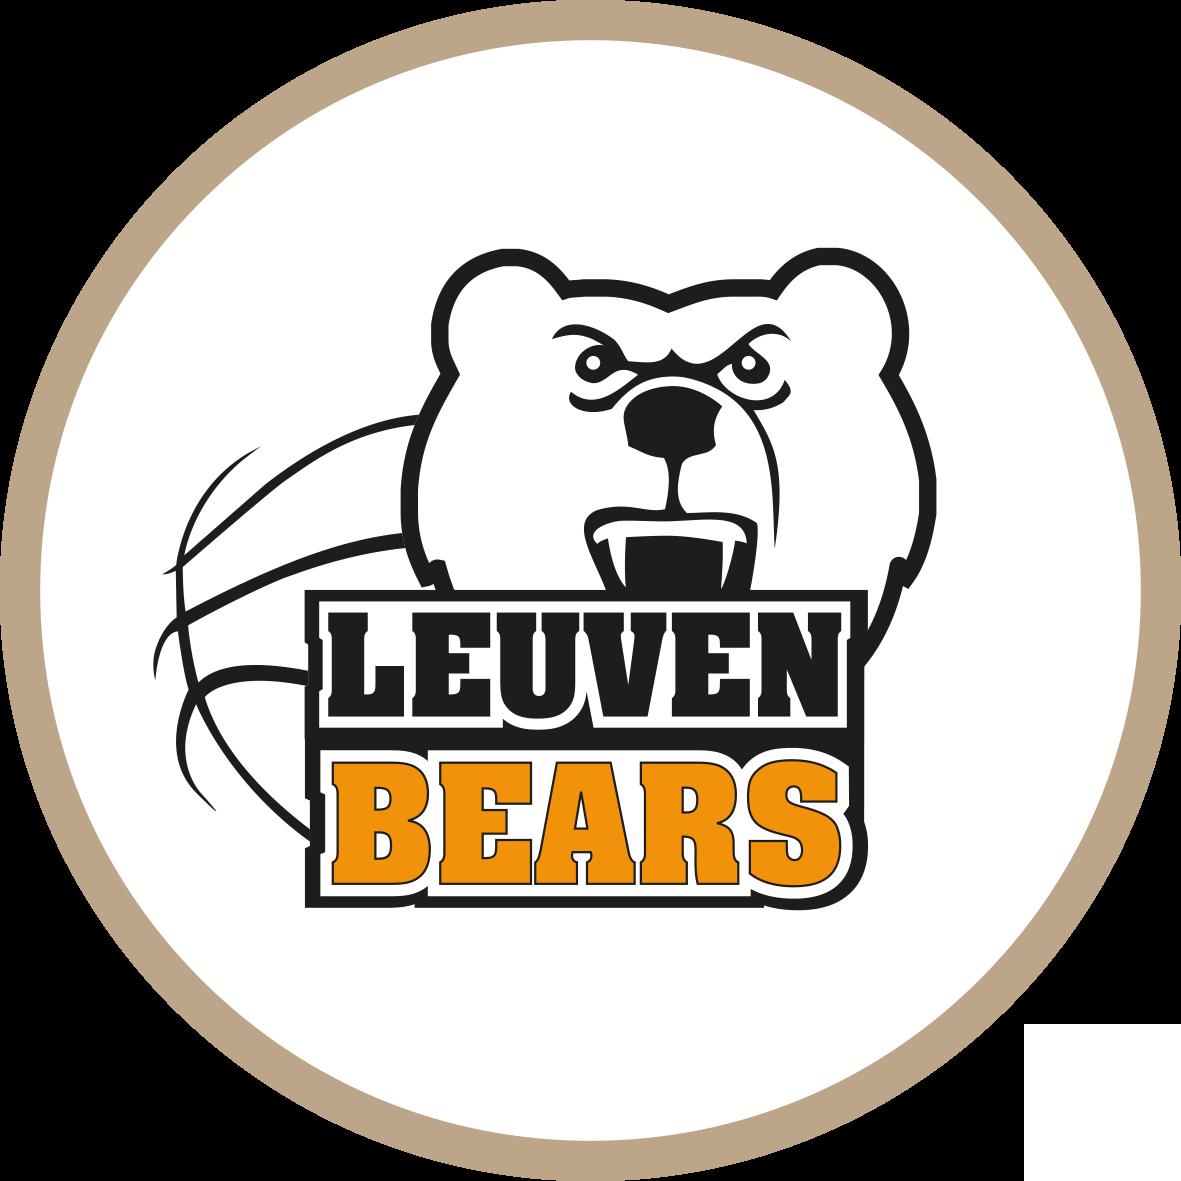 Stella Artois Leuven Bears LEUVEN